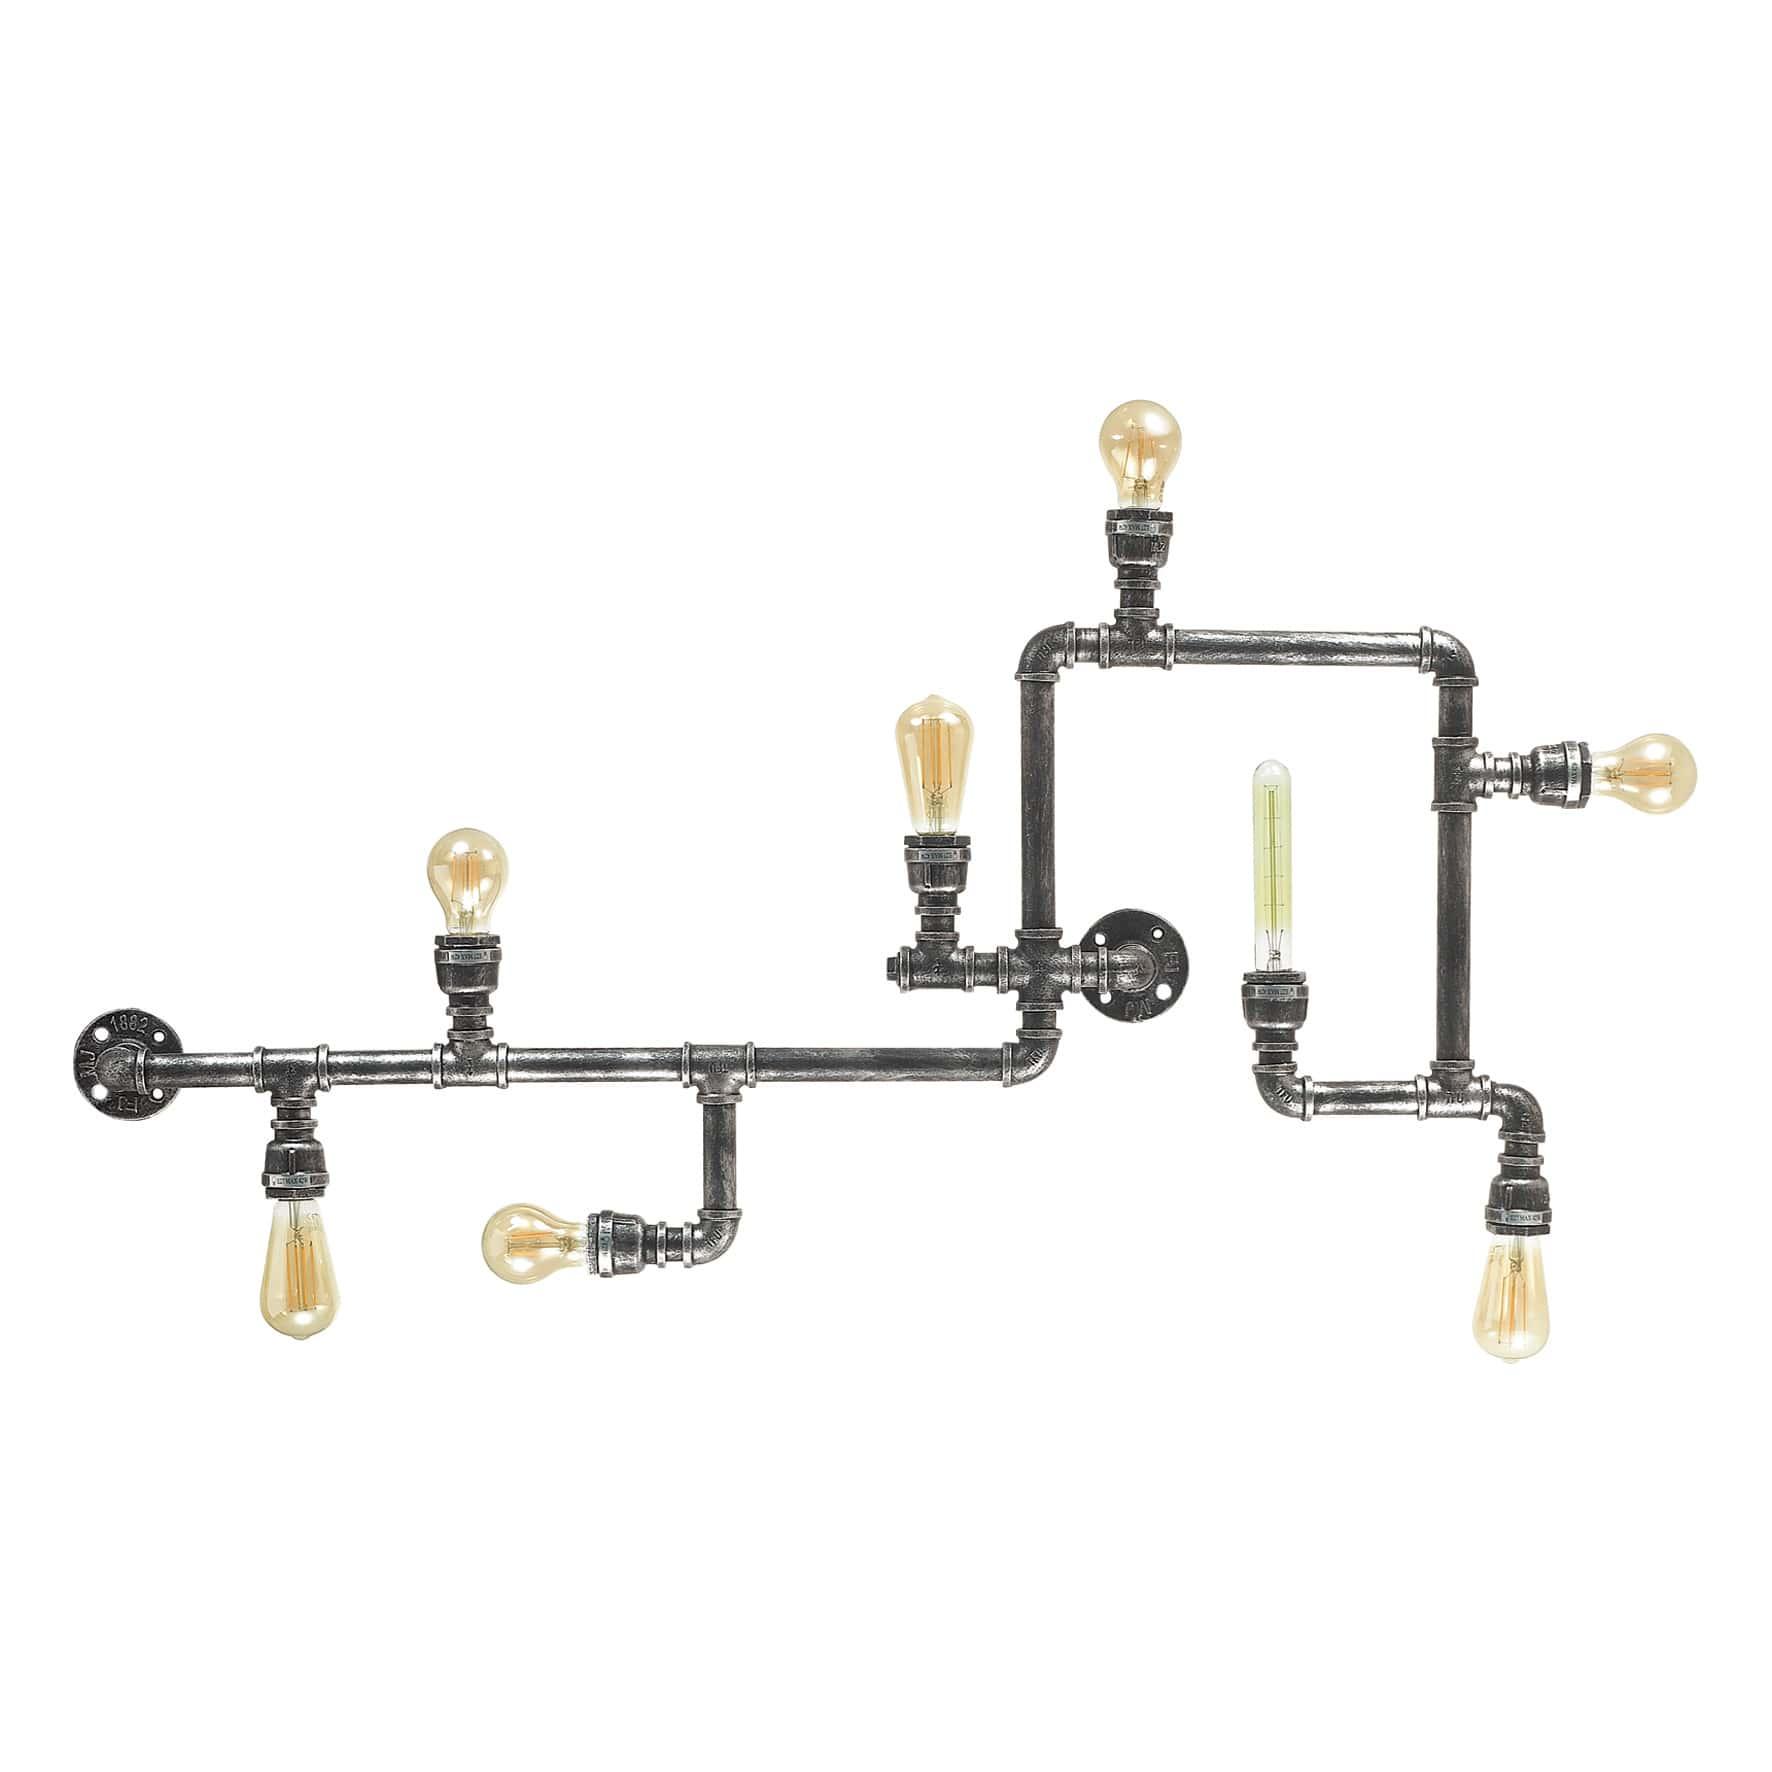 Plumber Light 8